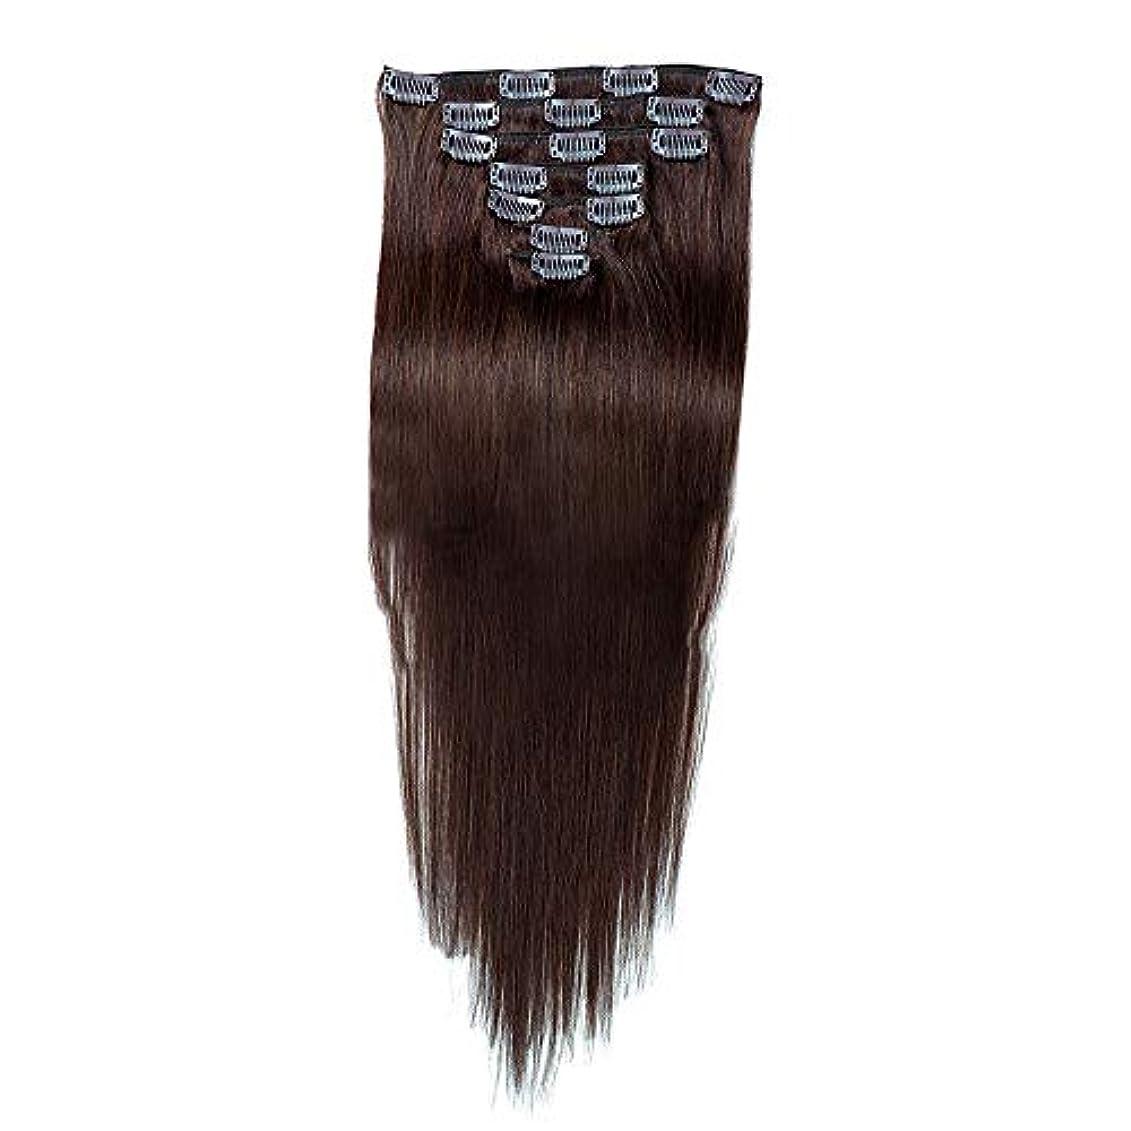 フェミニン大学院エキスパート人間の髪の毛のエクステンションクリップレミーフルヘッドダブル横糸ストレートヘアピース。 (7個、#2ダークブラウン、20インチ、70g) モデリングツール (色 : #2 Dark Brown)